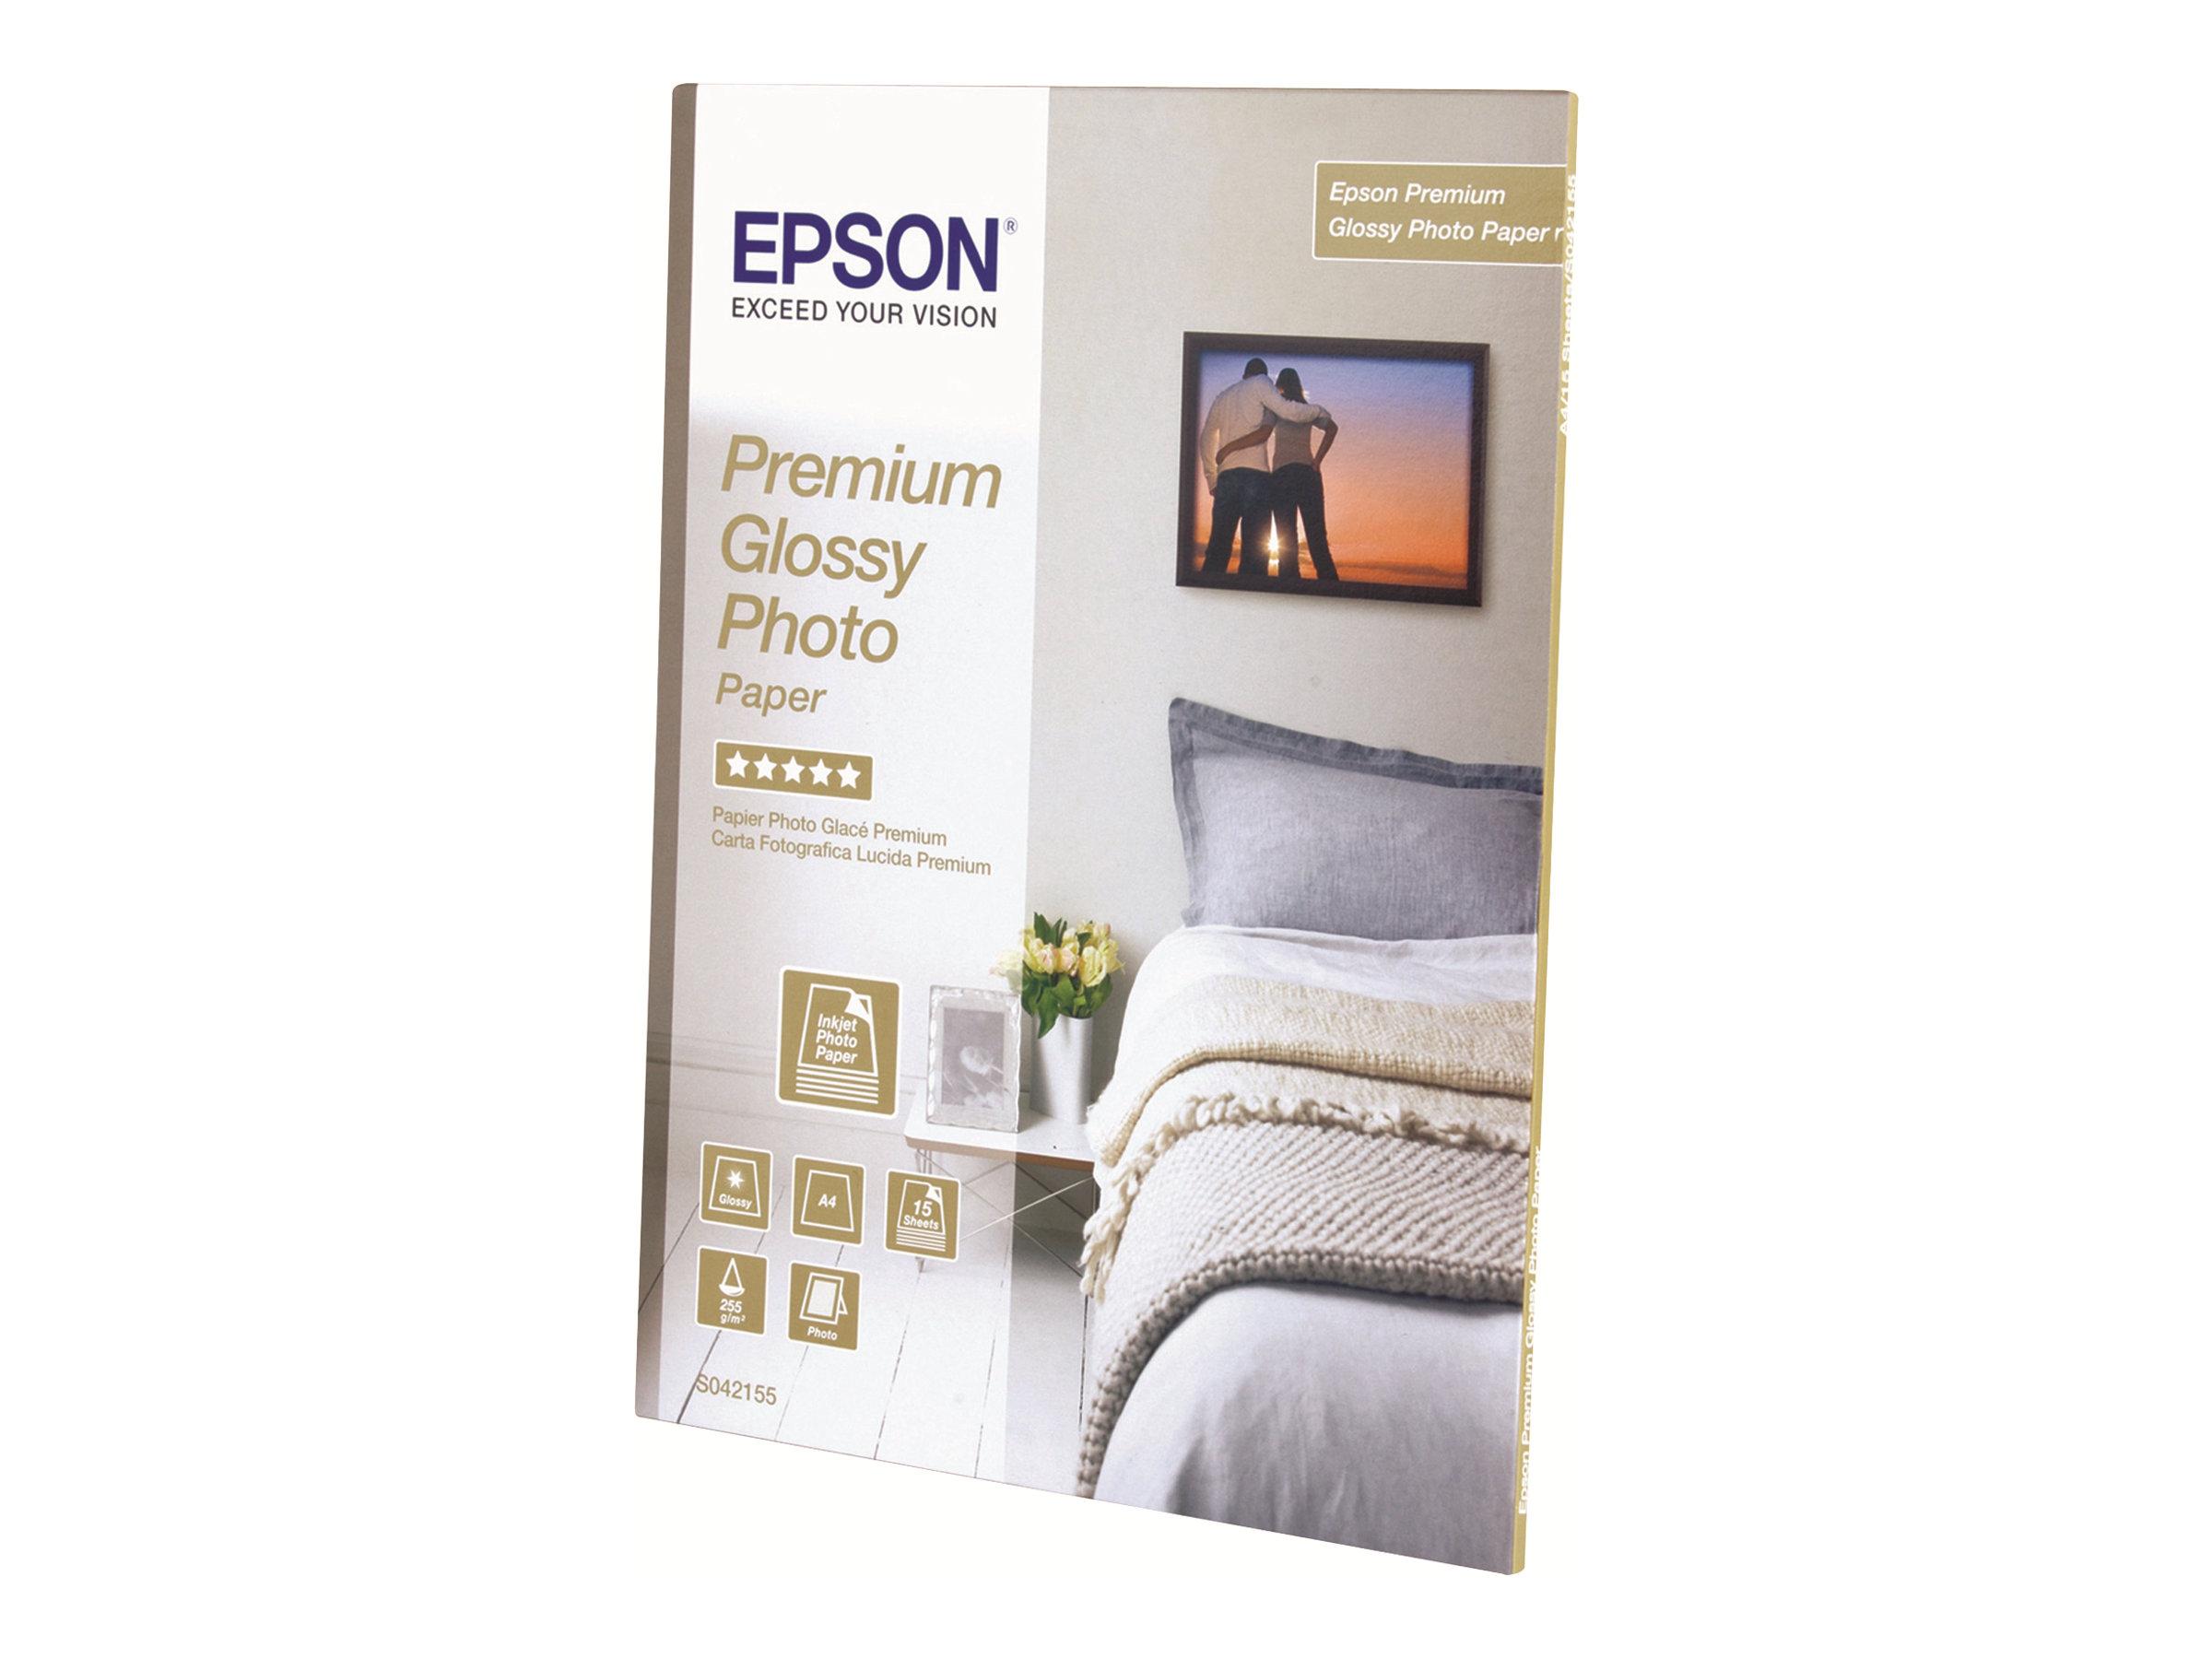 Epson Premium Glossy Photo Paper - Glänzend - harzbeschichtet - Rolle (111,8 cm x 30,5 m) - 165 g/m² - 1 Rolle(n) Fotopapier